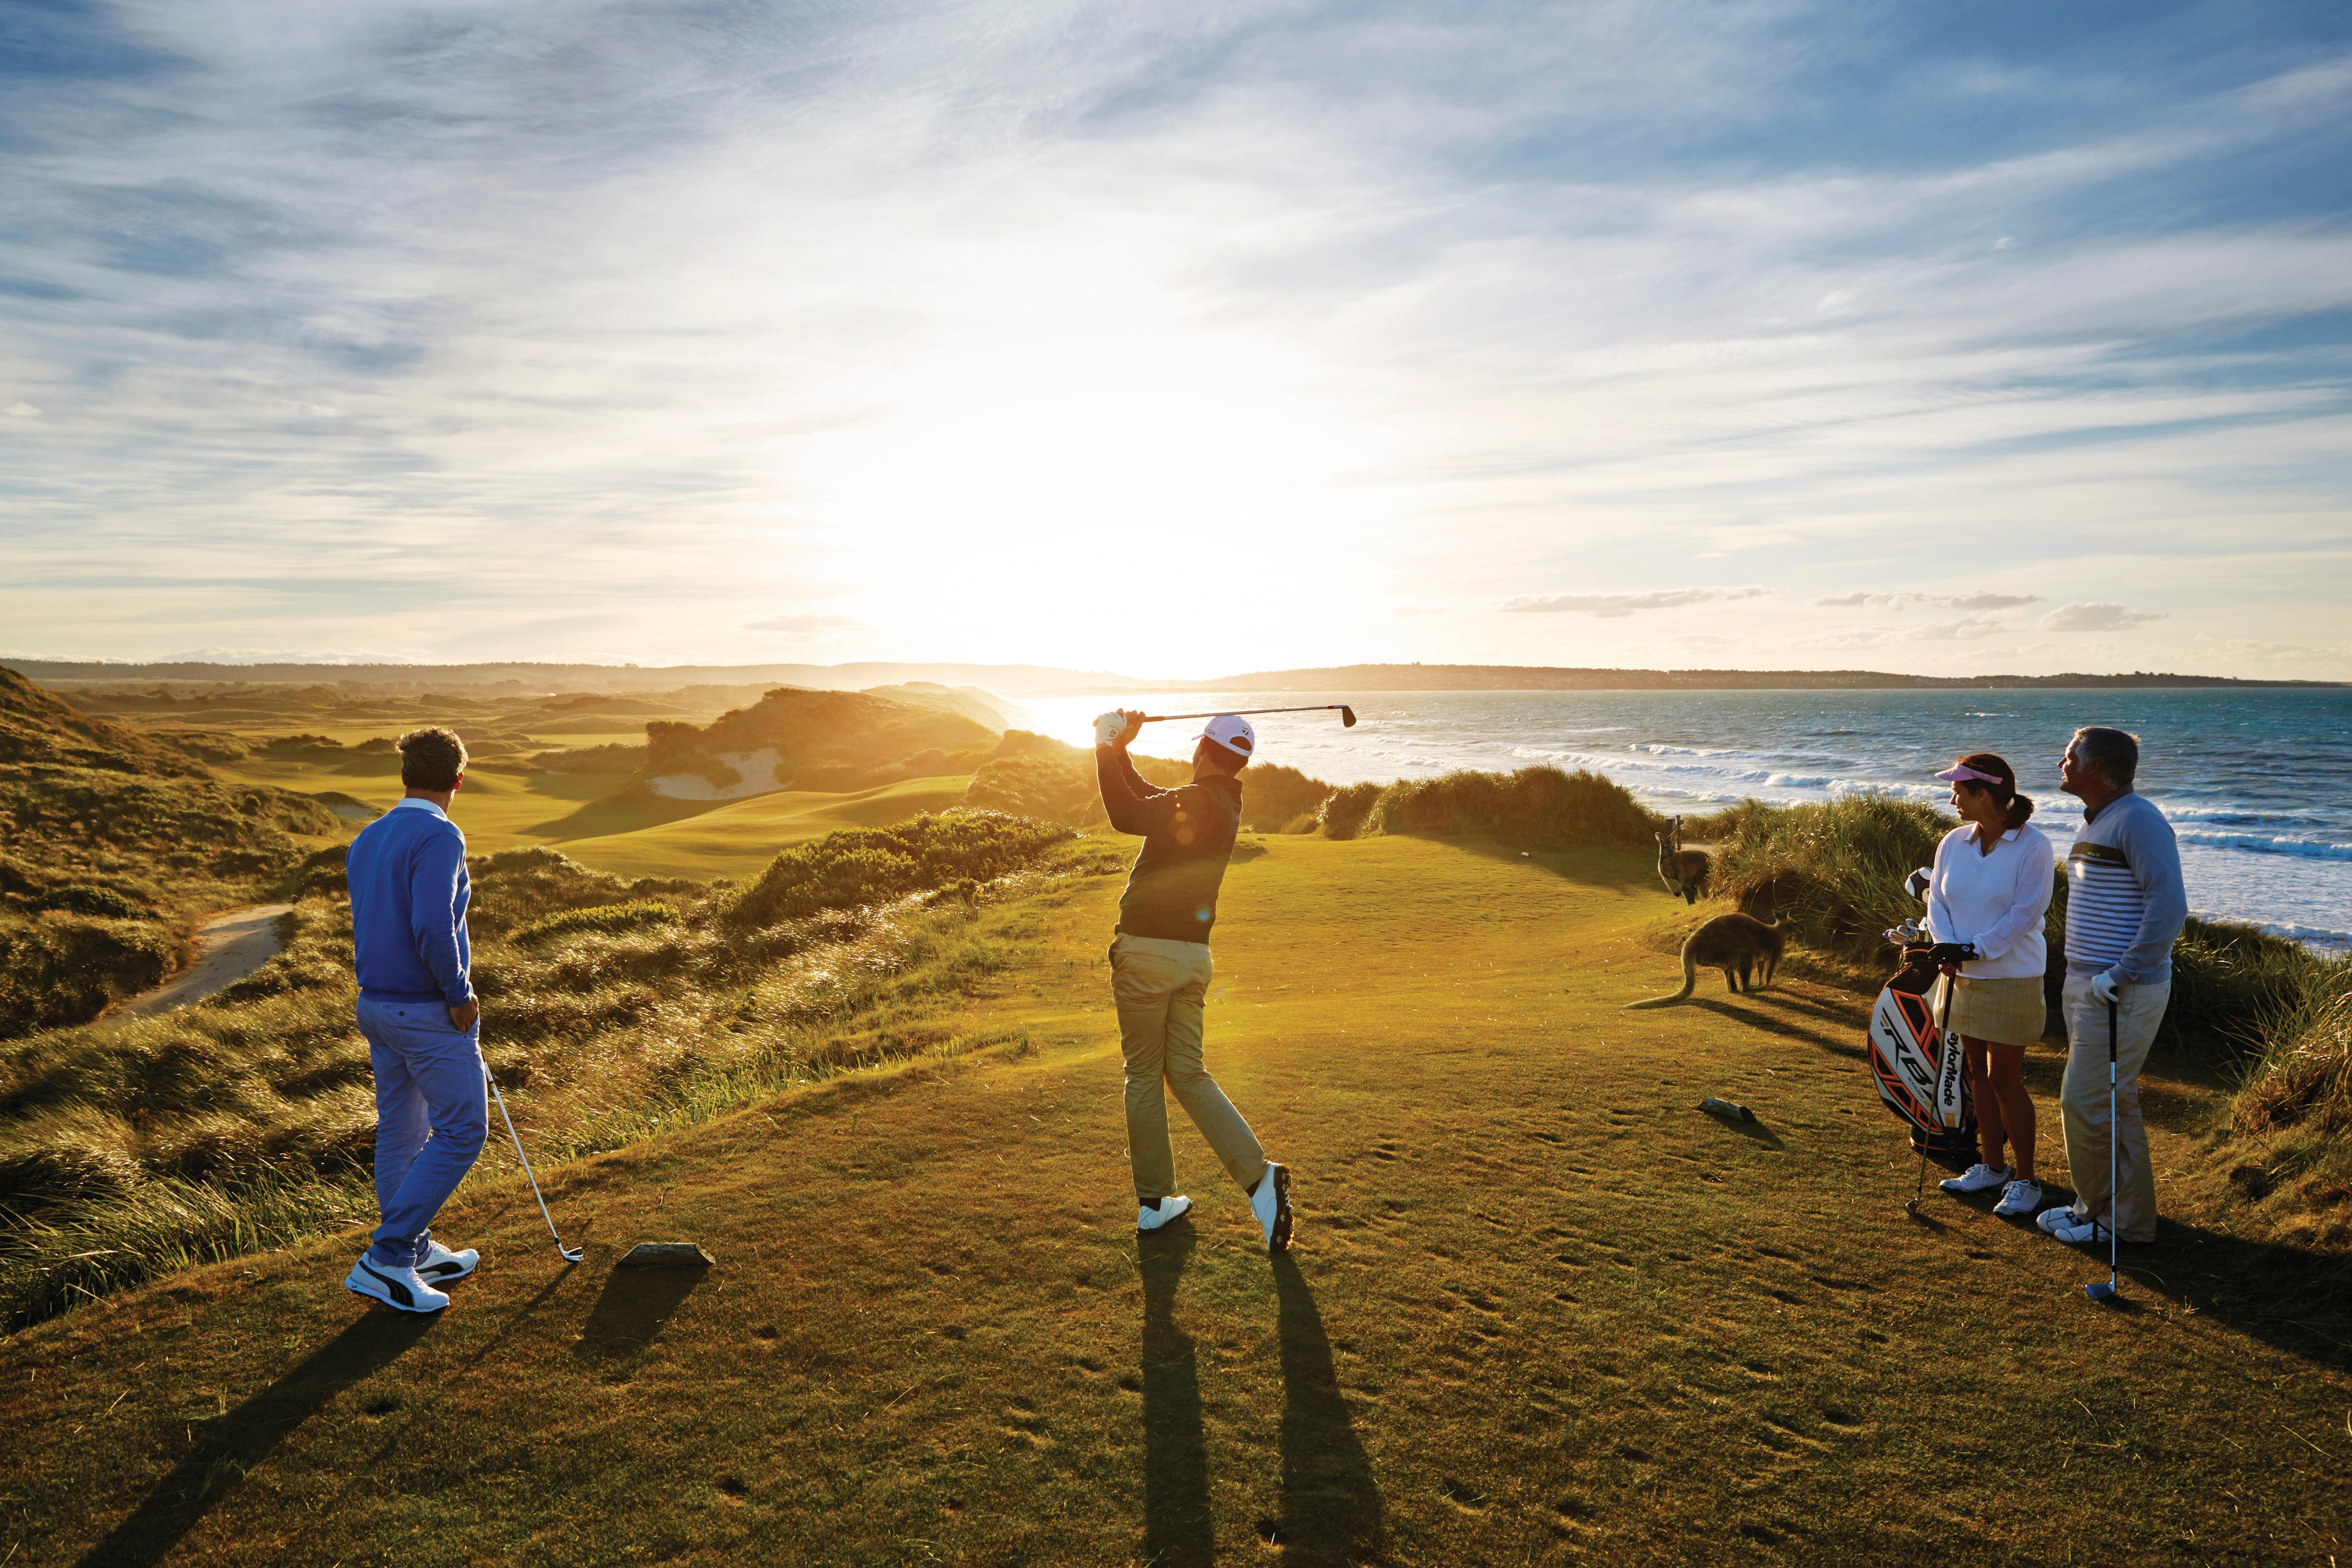 Lavorare In Australia Come Architetto great golf courses of australia - tourism australia